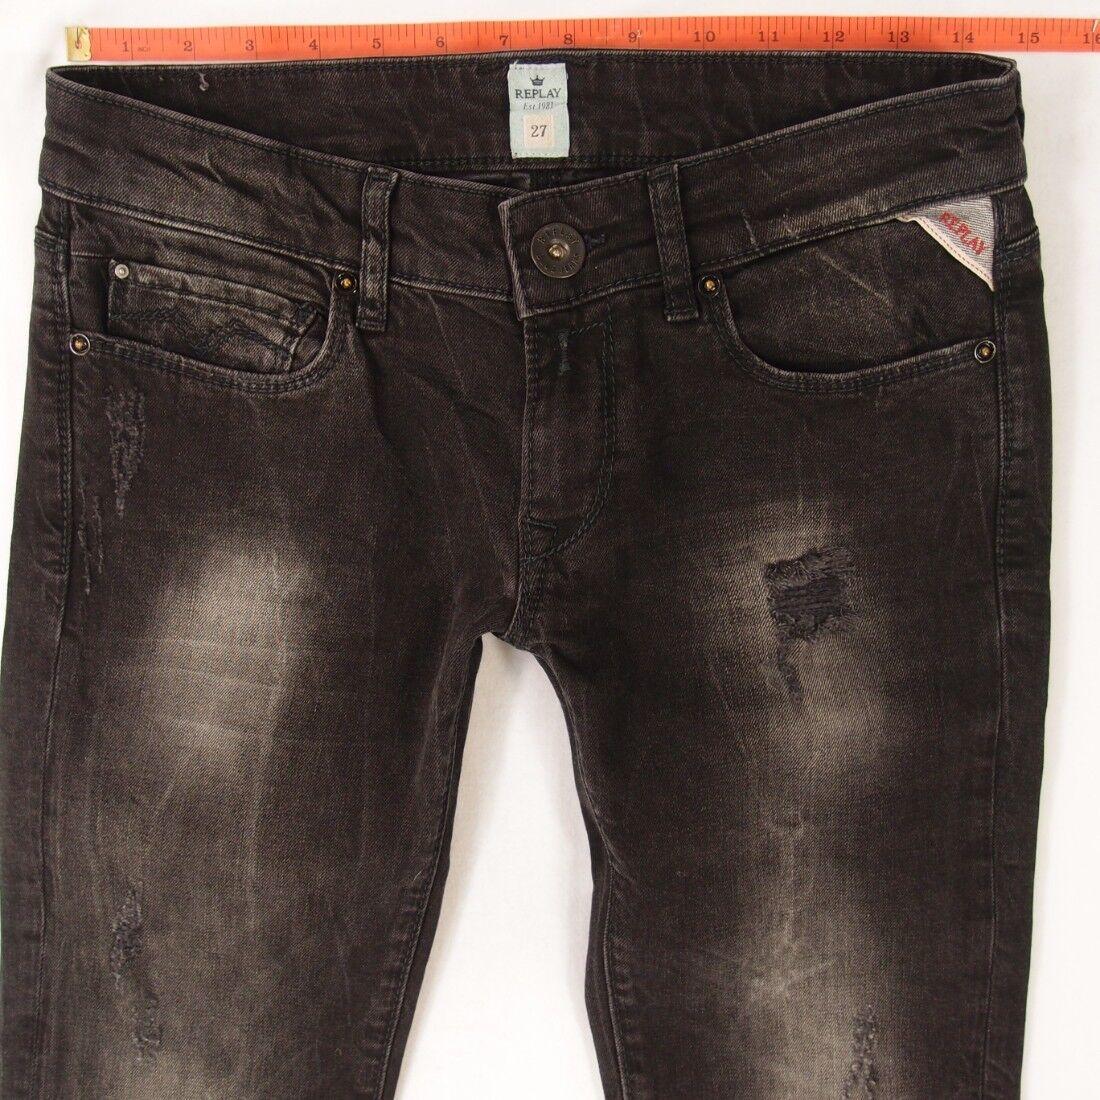 Donna REPLAY WX613 rosa stretch skinny grigio jeans W28 L32 UK Taglia 8